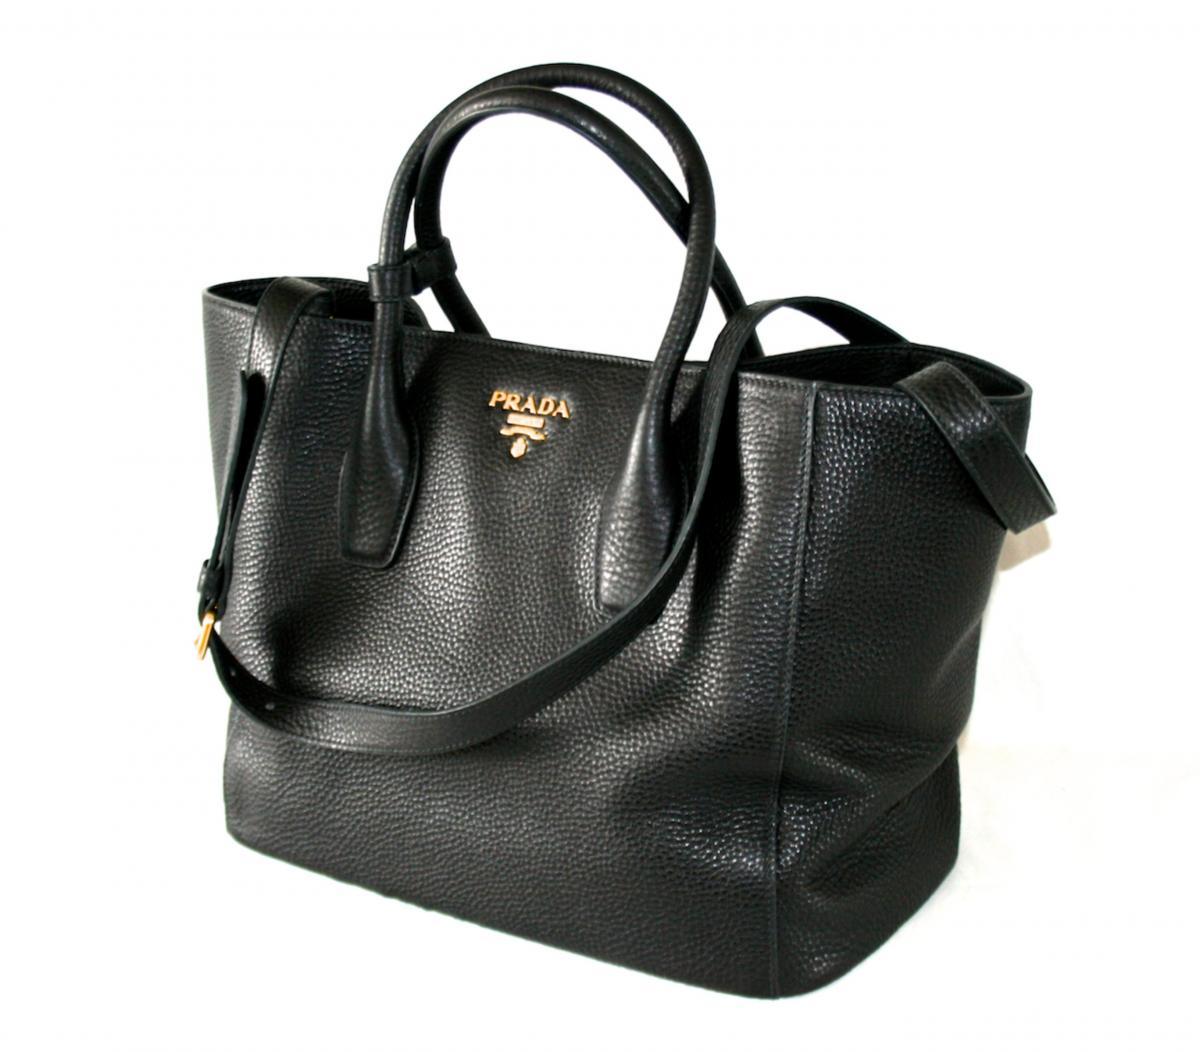 authentic luxury prada shoulder bag handbag 1bg694 black. Black Bedroom Furniture Sets. Home Design Ideas